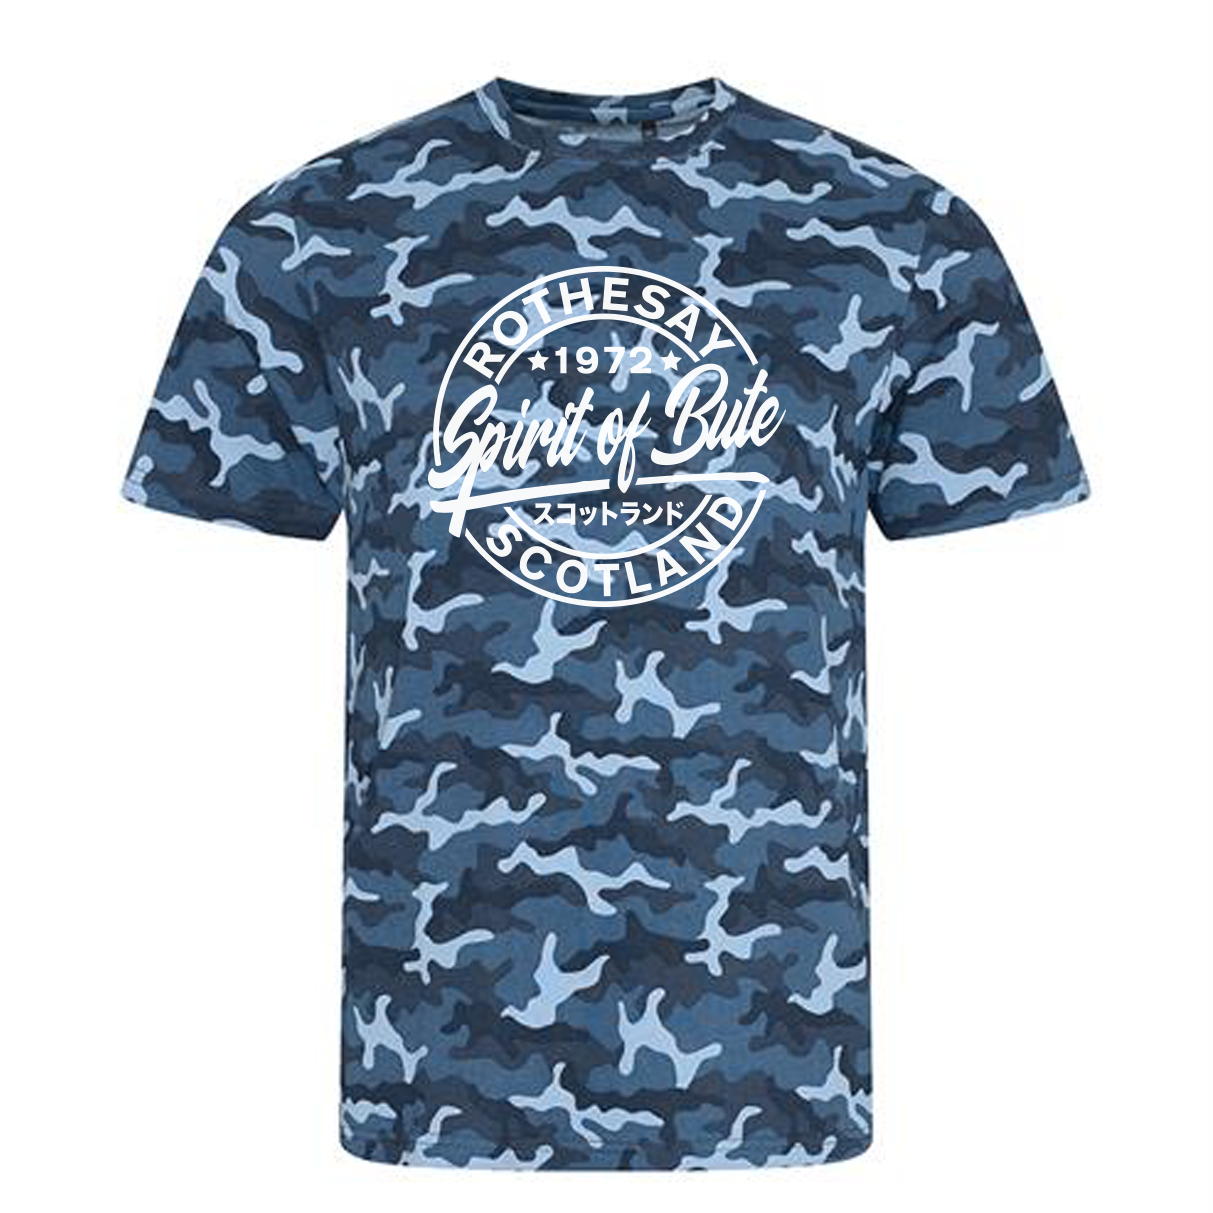 Blue Camo SOB T-shirt